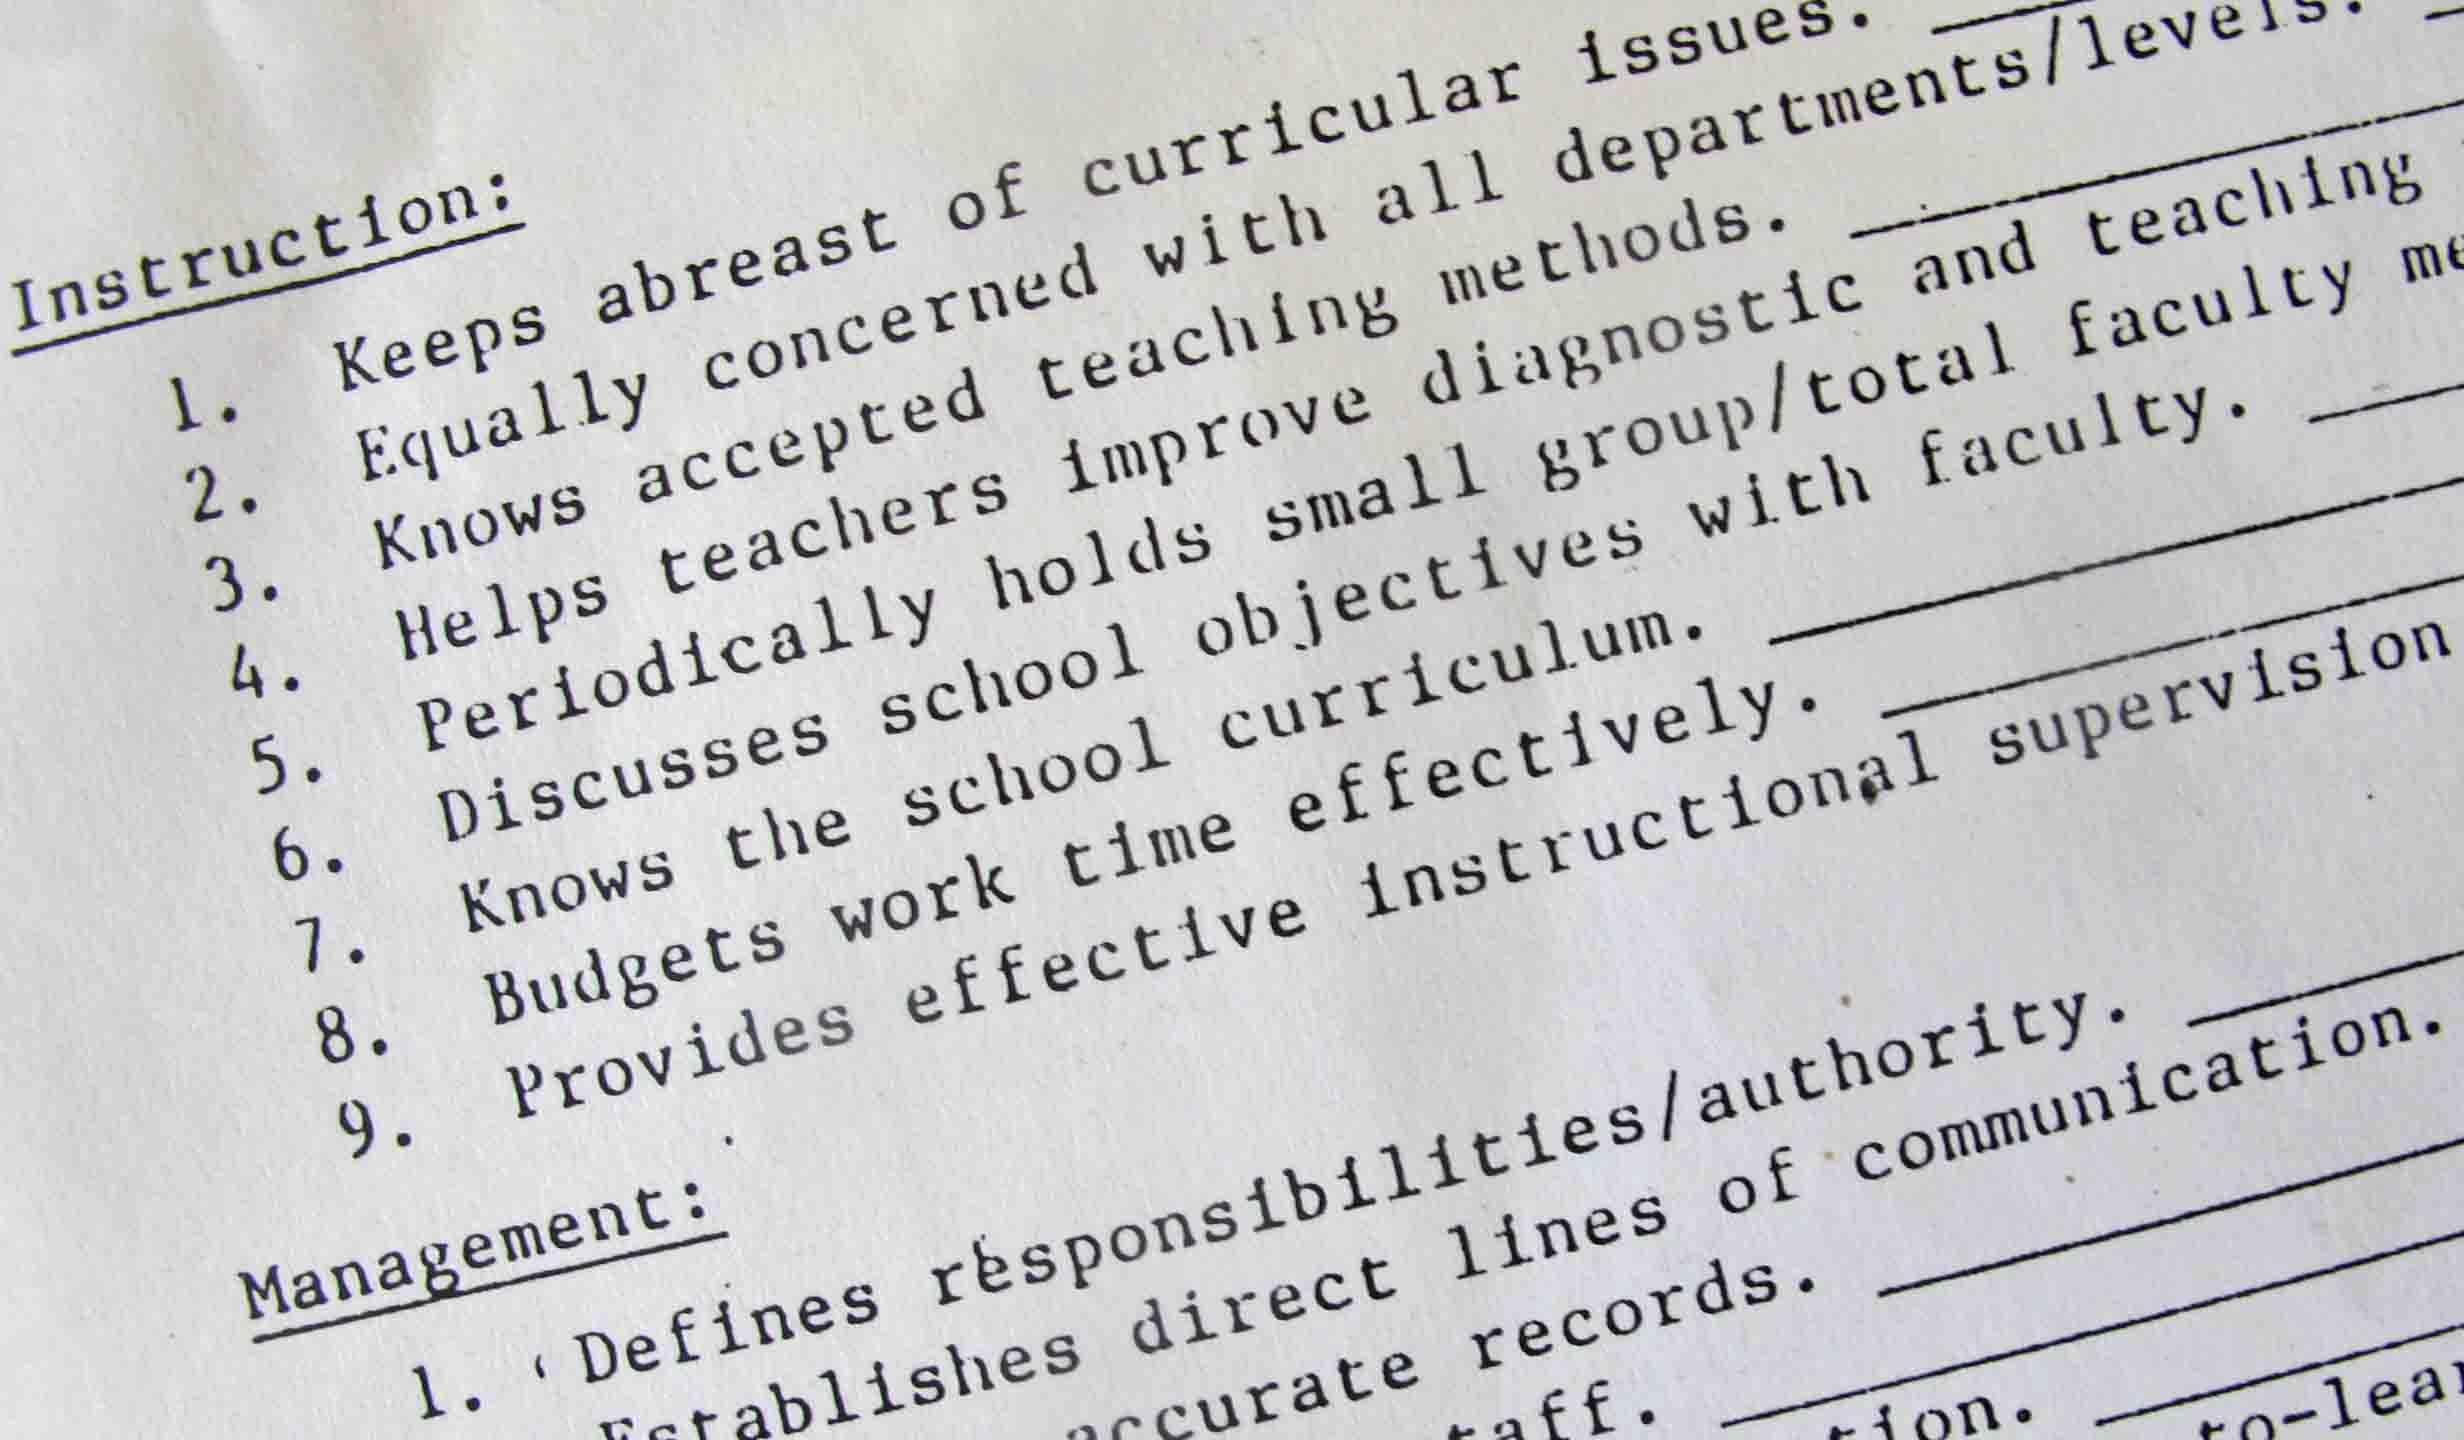 Instructional Leadership Principal Notes